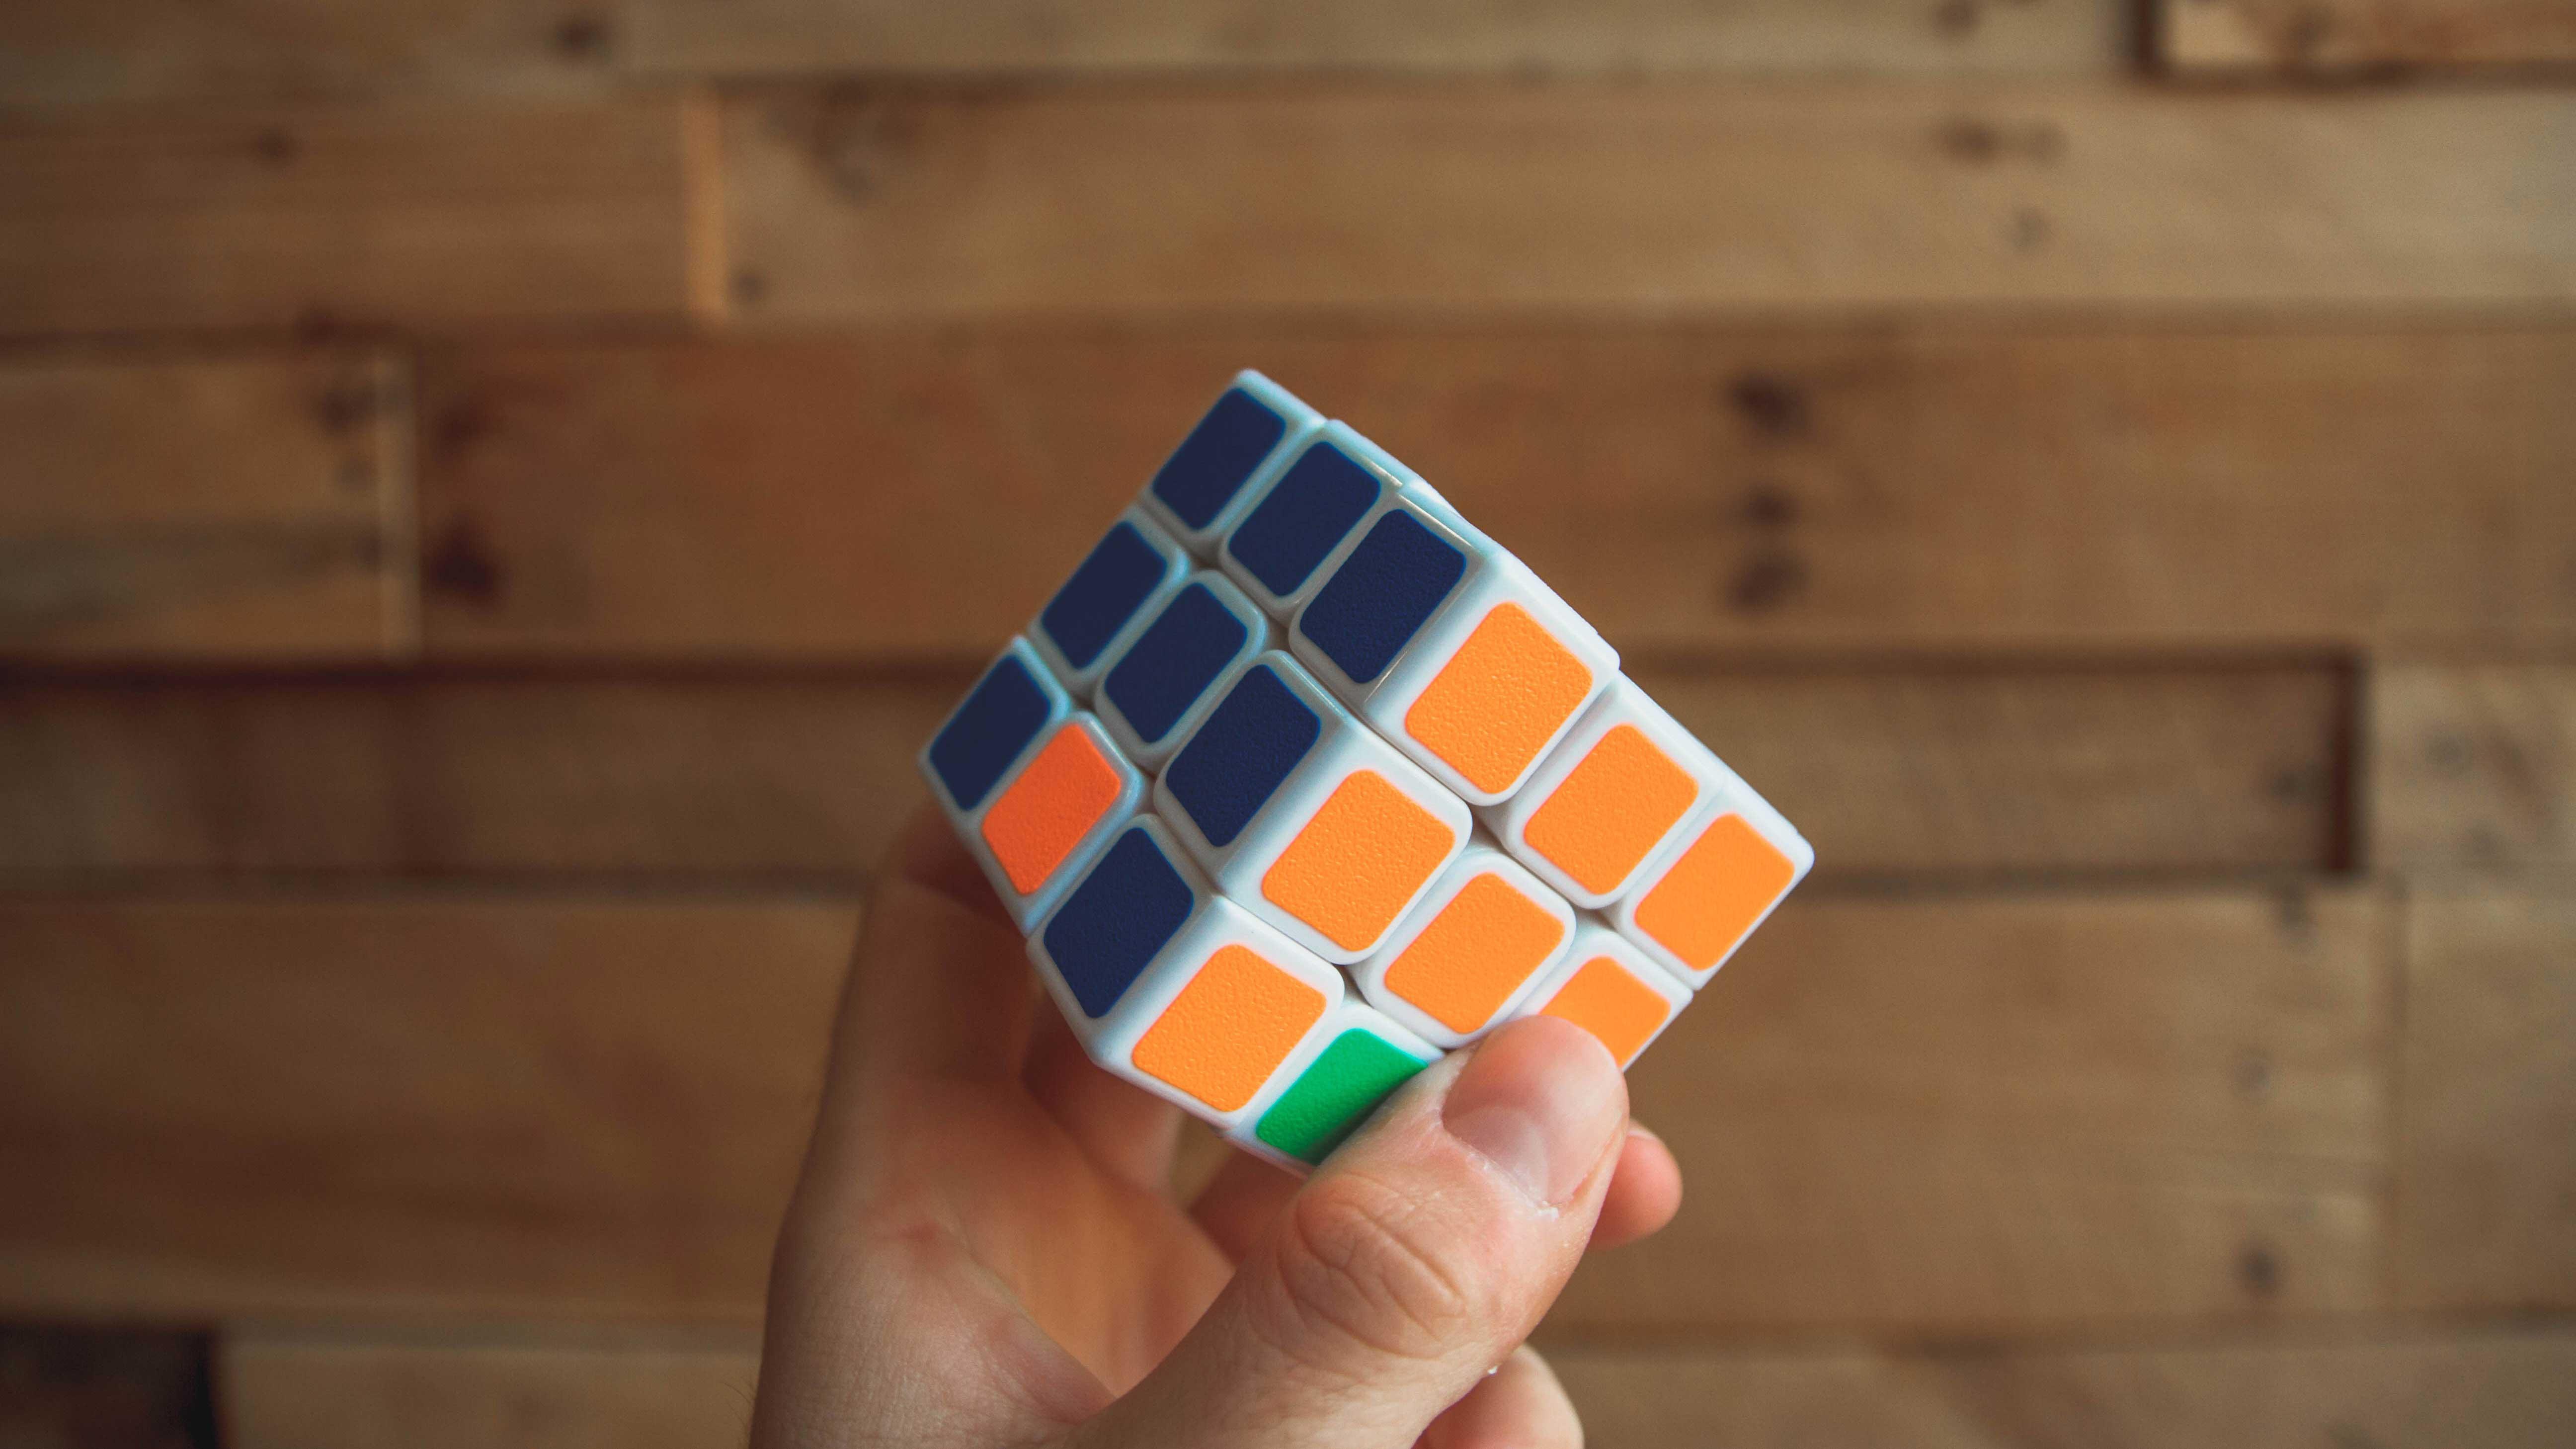 O que aprendi no CPSI em Buffalo (NY) - Cubo mágico com as cores azul, laranja e verde em evidência.